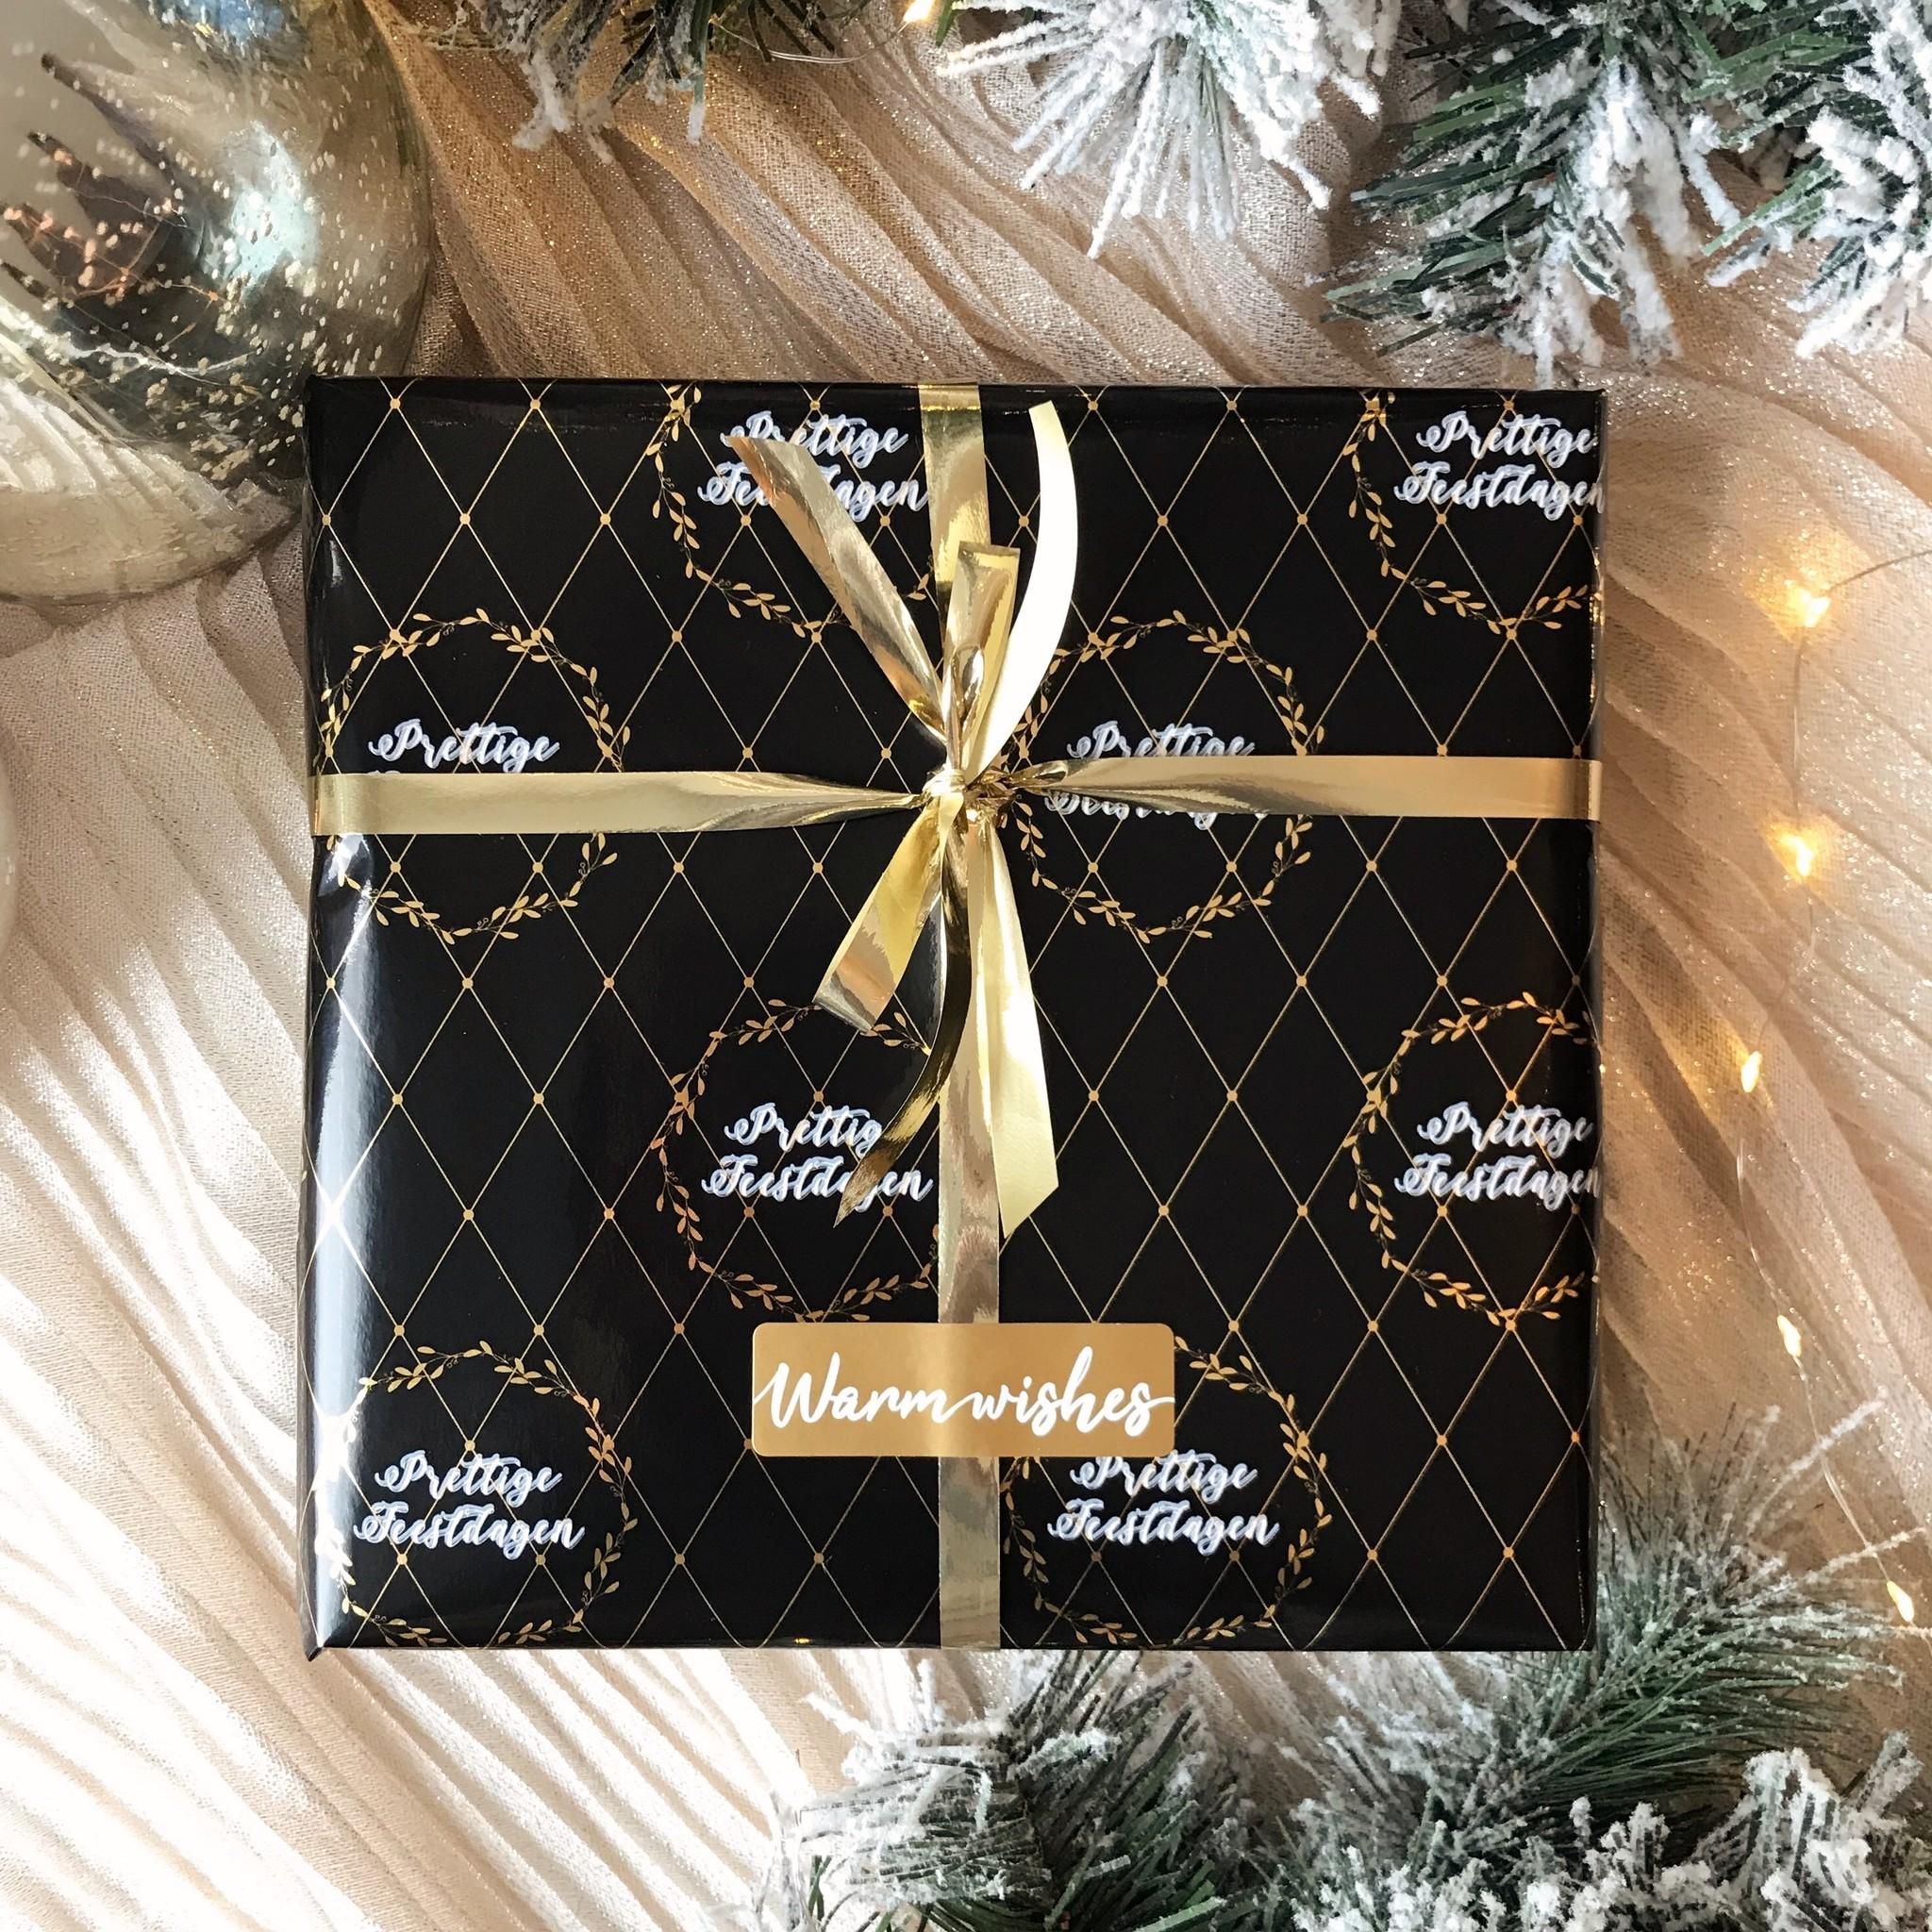 Kerst Cadeaupapier - Prettige Feestdagen, Black & Gold (Opgelet, door drukte neemt inpakken een dag langer in beslag.)